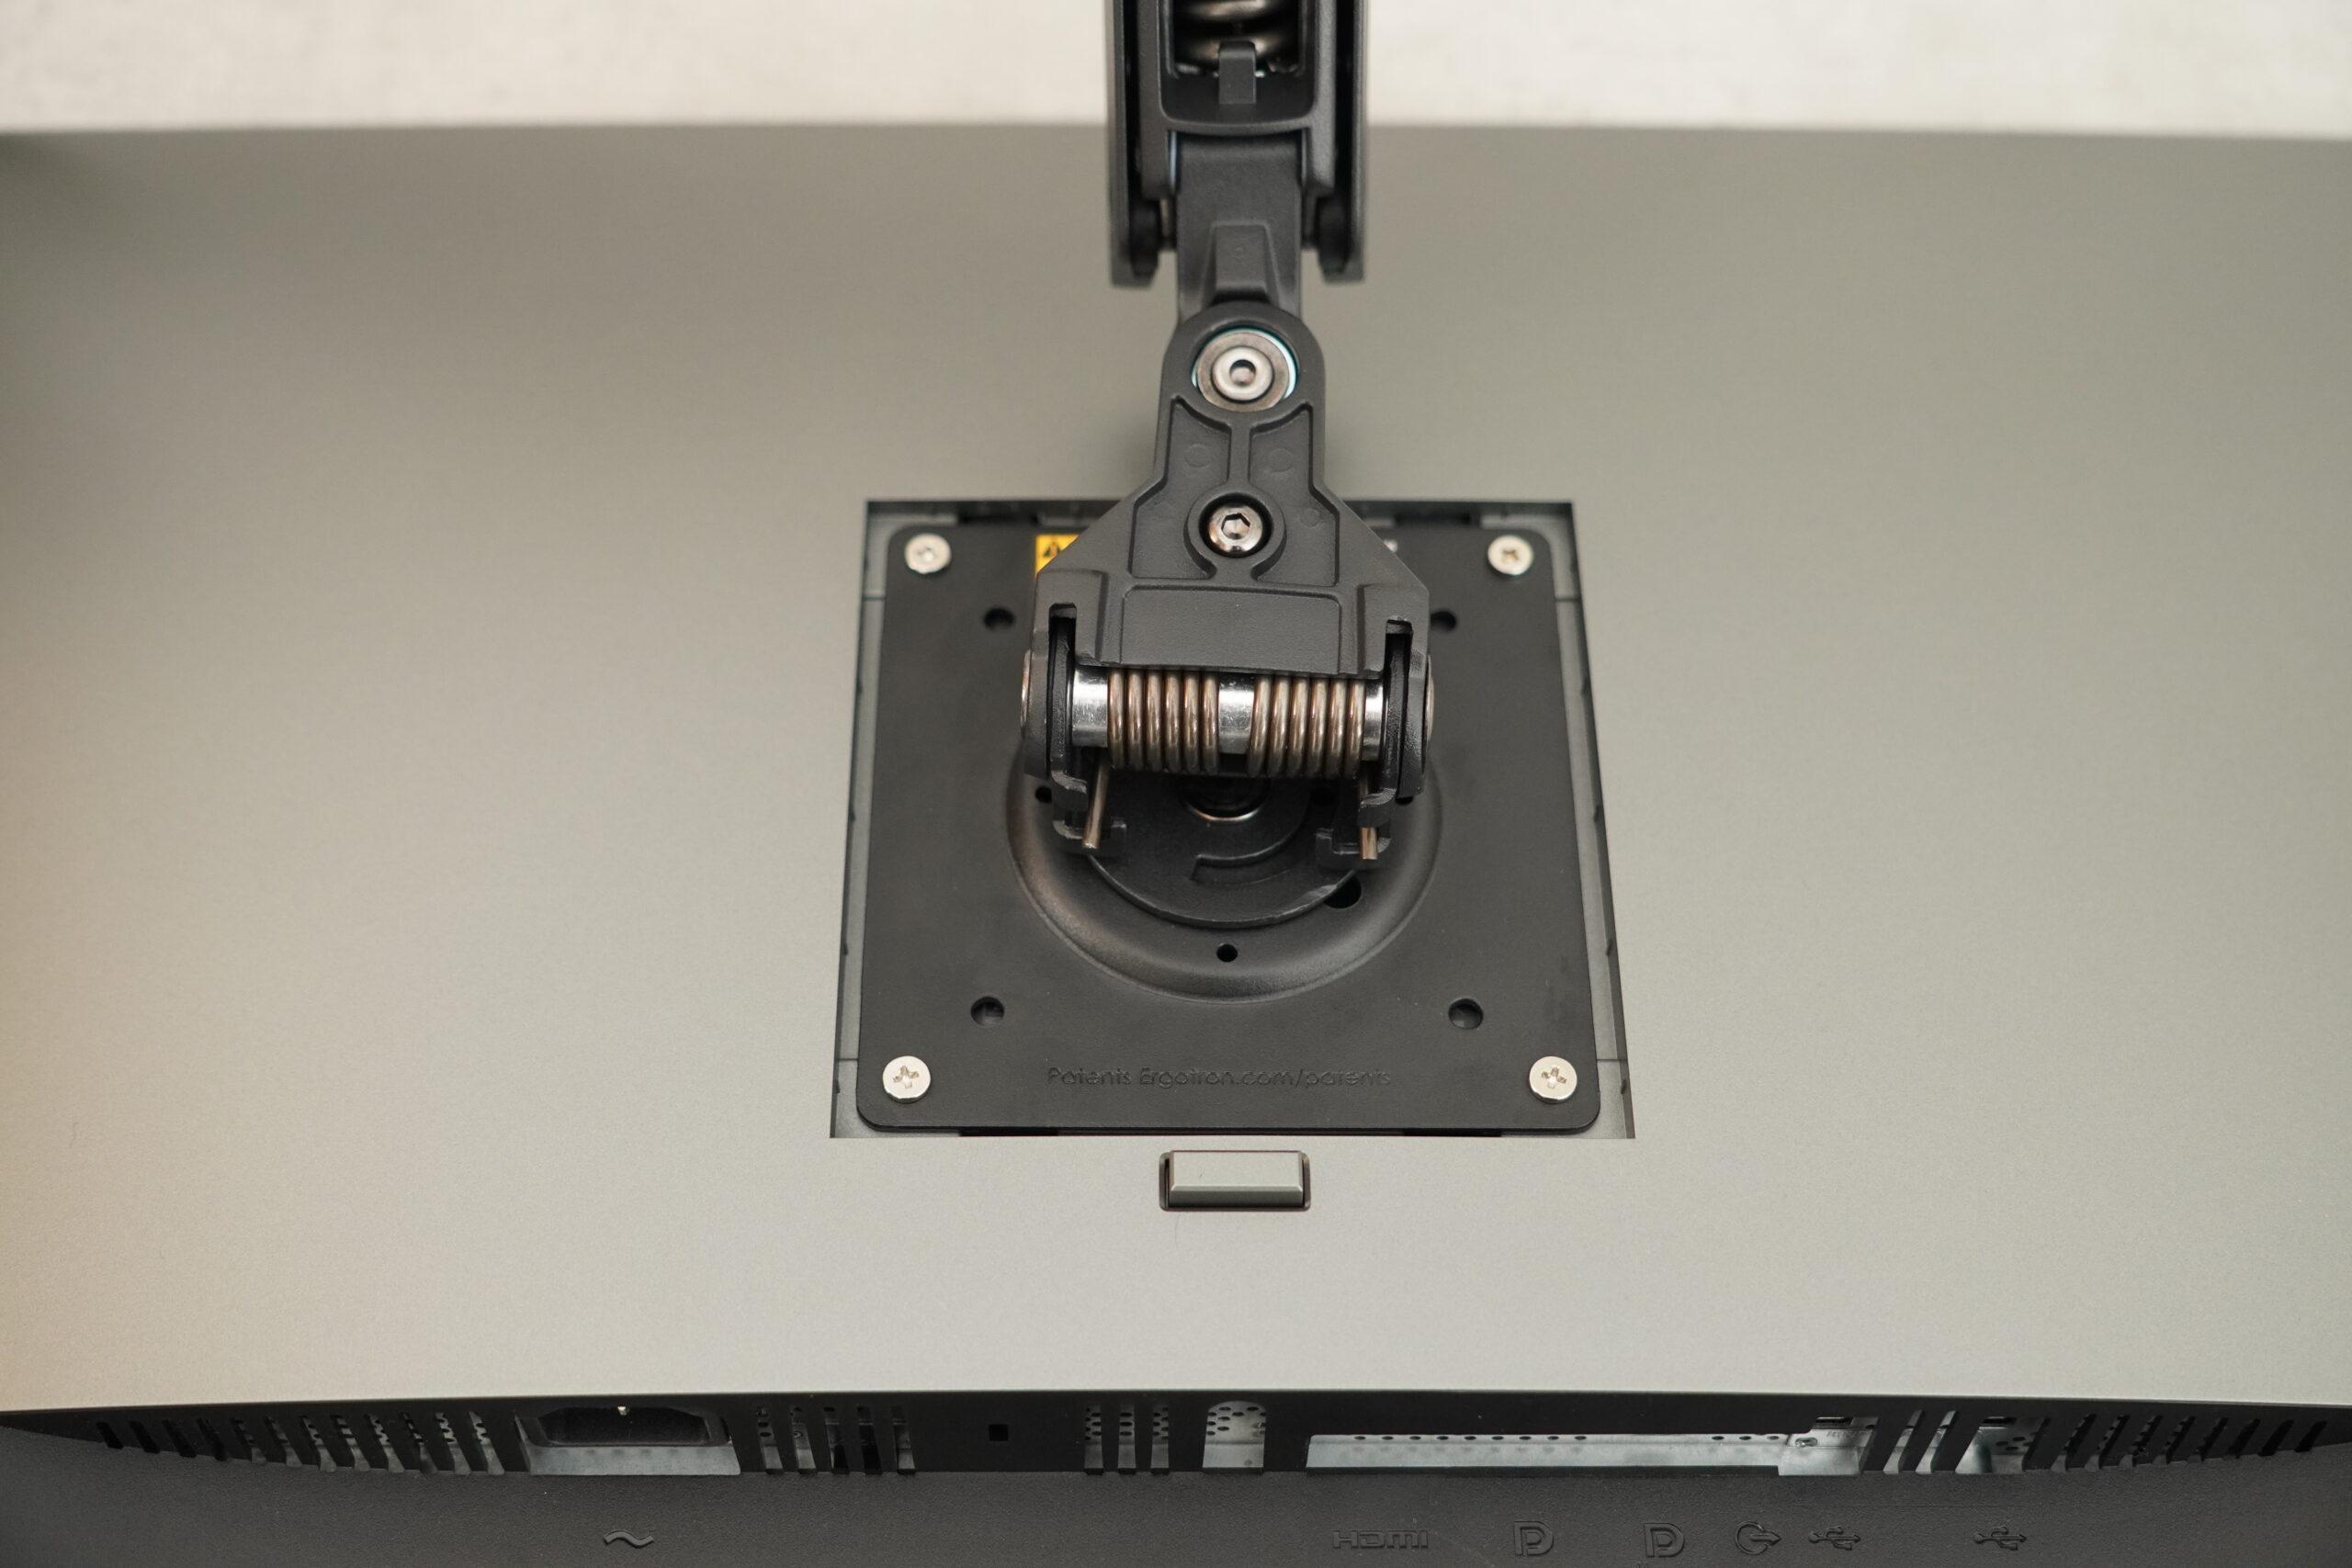 ERGOTRON(エルゴトロン)LX モニターアーム モニター取付